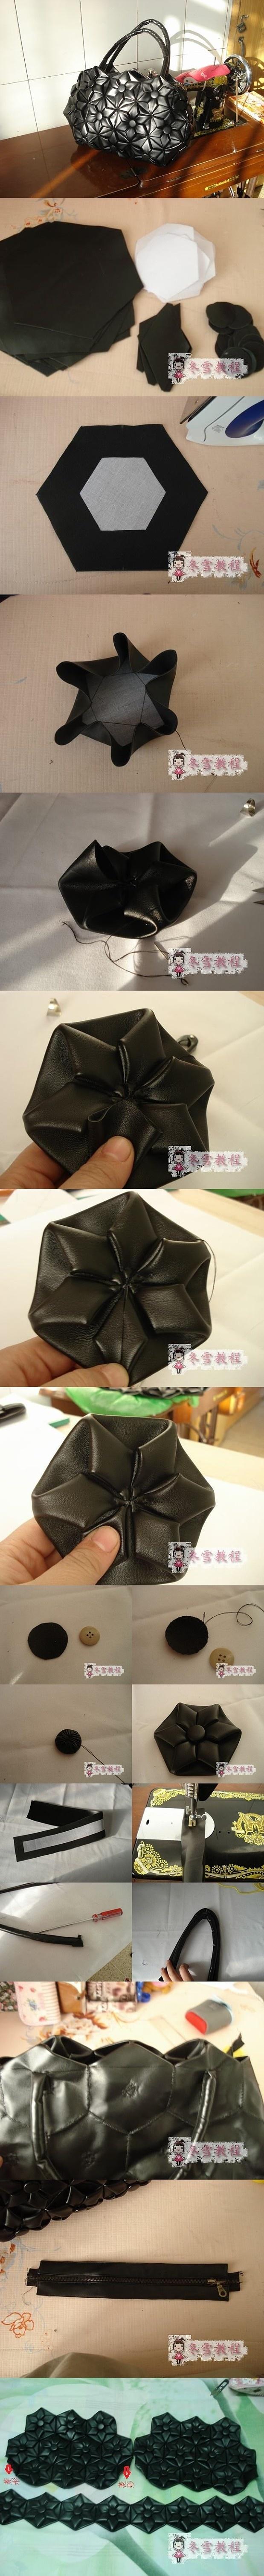 A flower hexagon